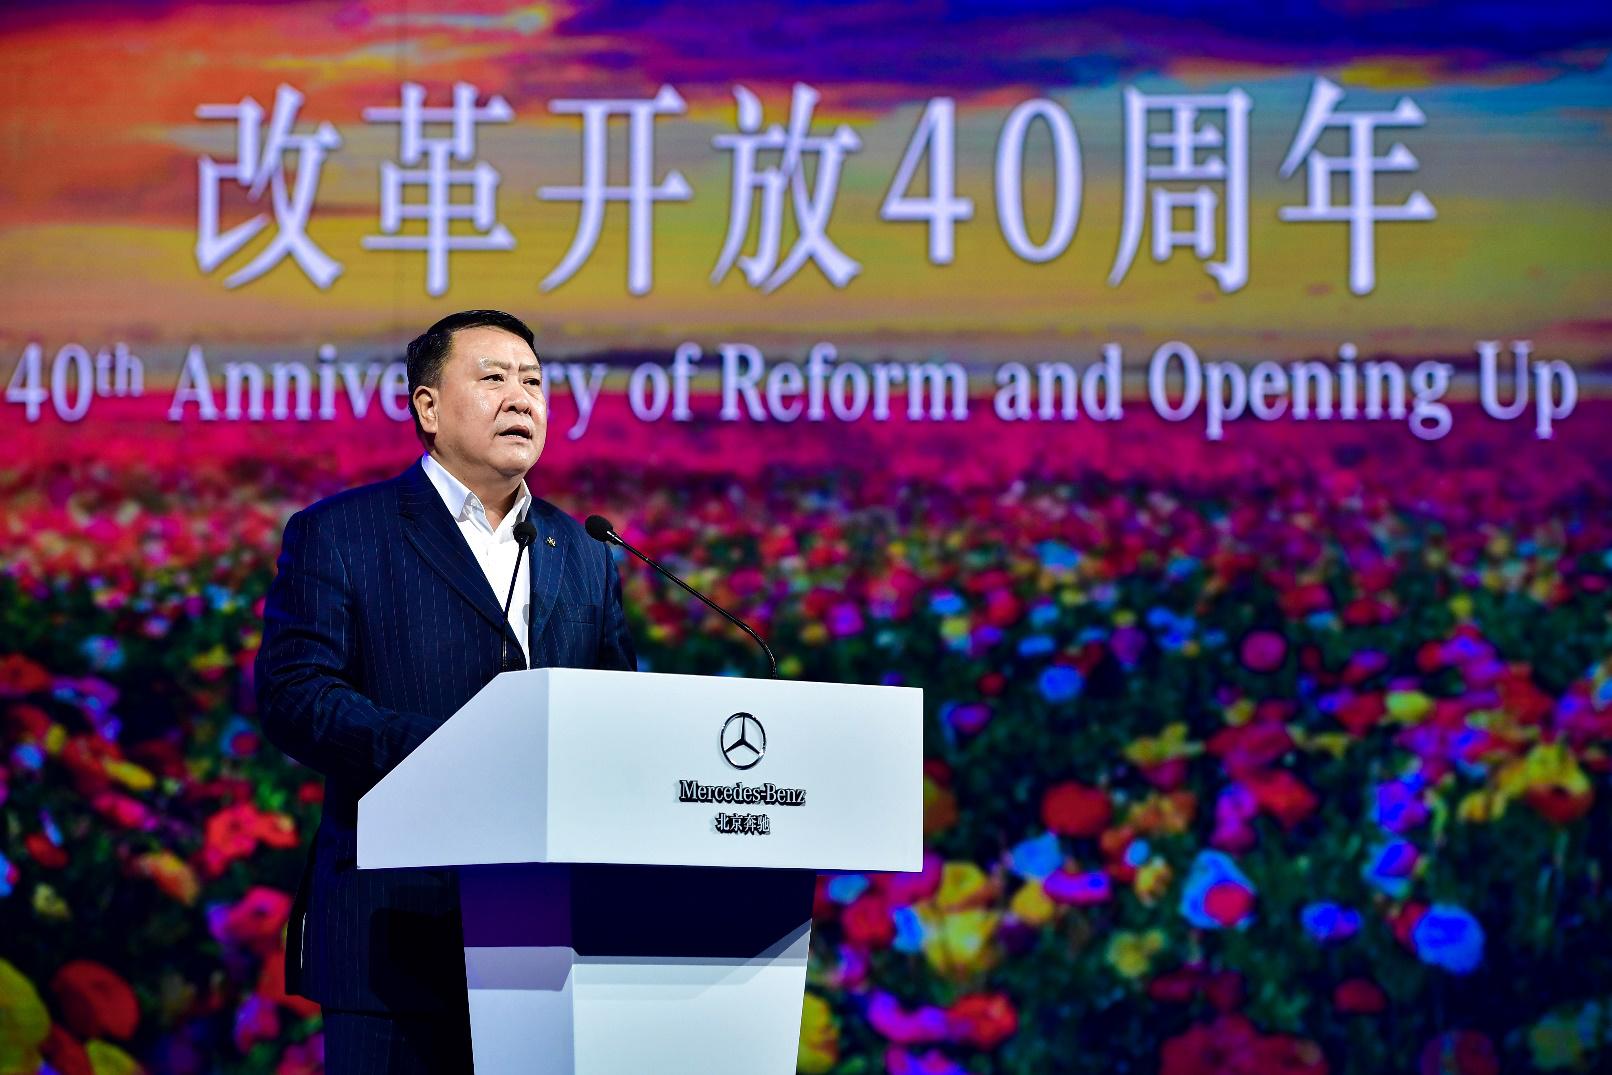 北汽集团党委书记、董事长、北京奔驰董事长徐和谊致辞